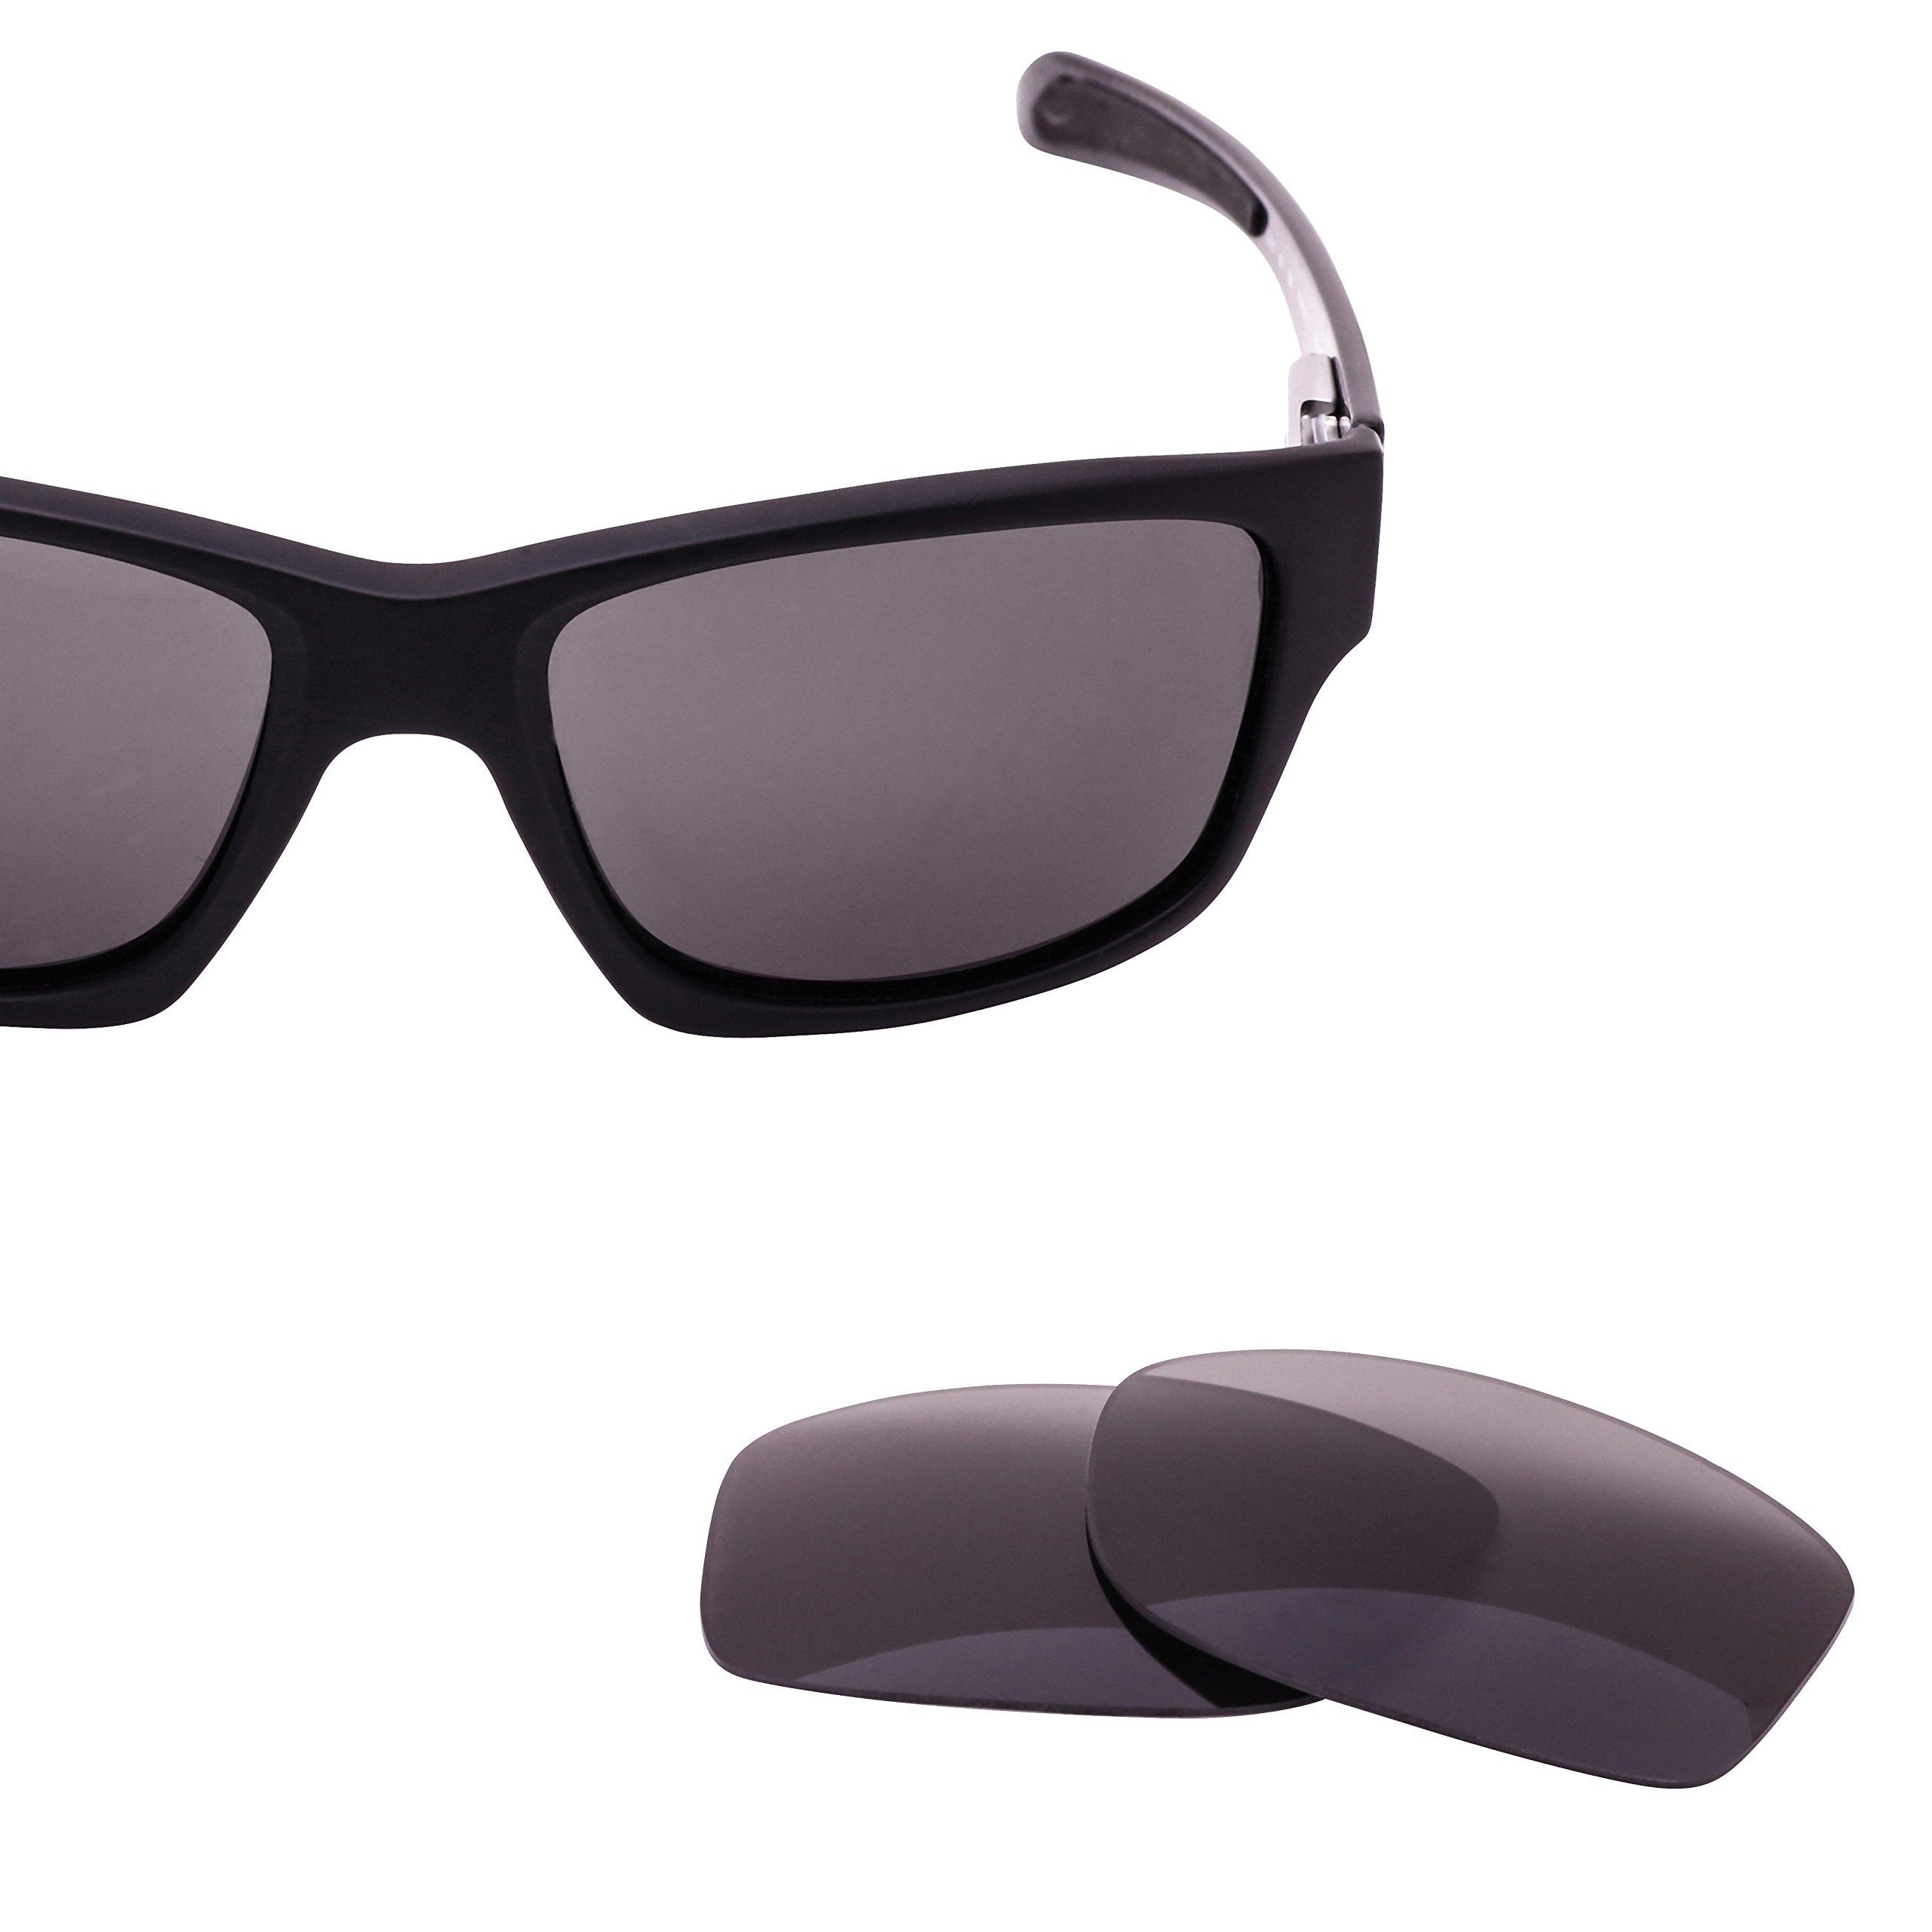 LenzFlip Replacement Lens for Oakley JUPITER CARBON - Gray Polarized Lenses